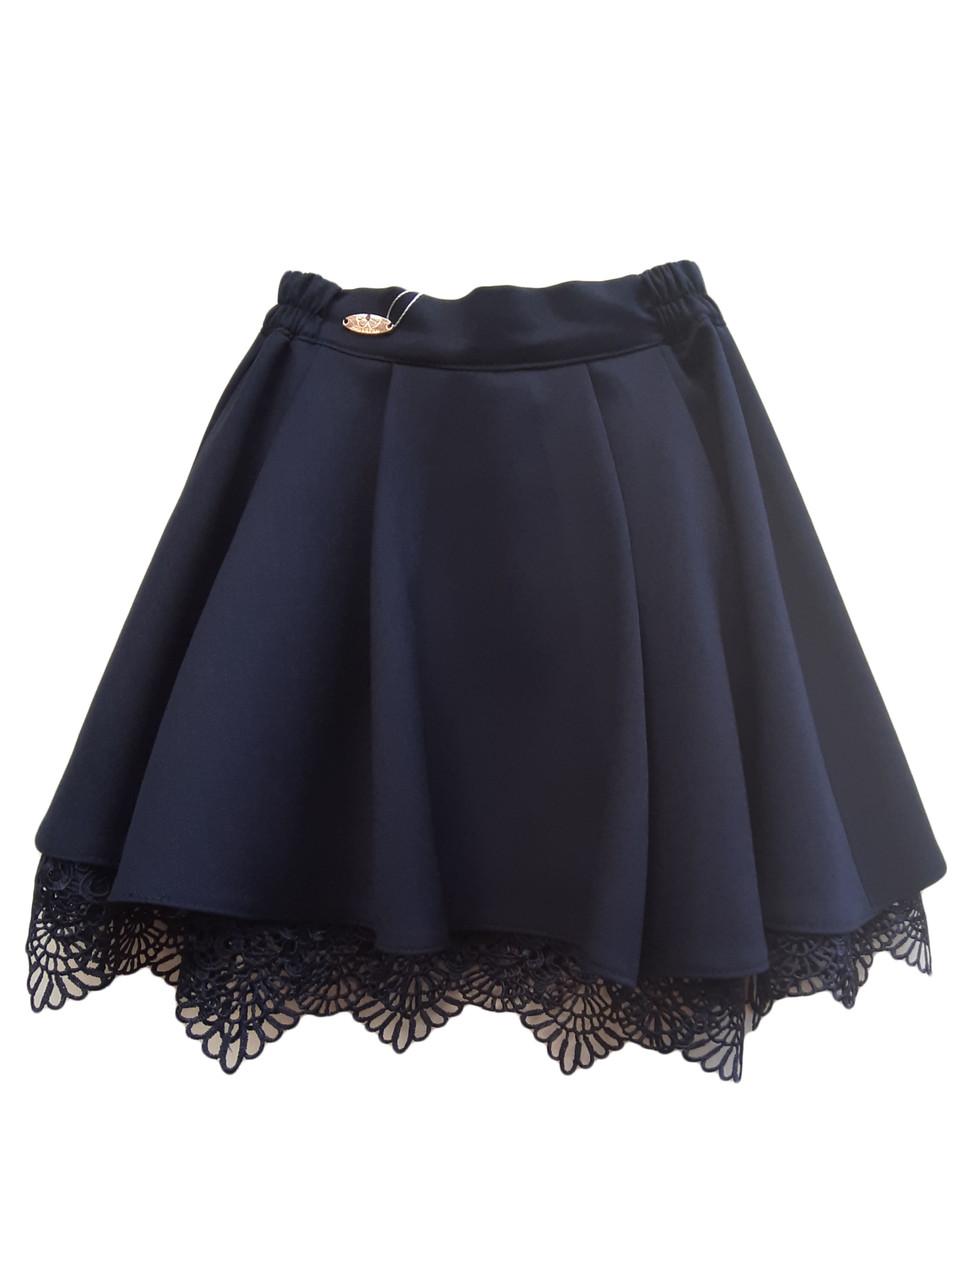 Школьная юбка с кружевом и подкладкой